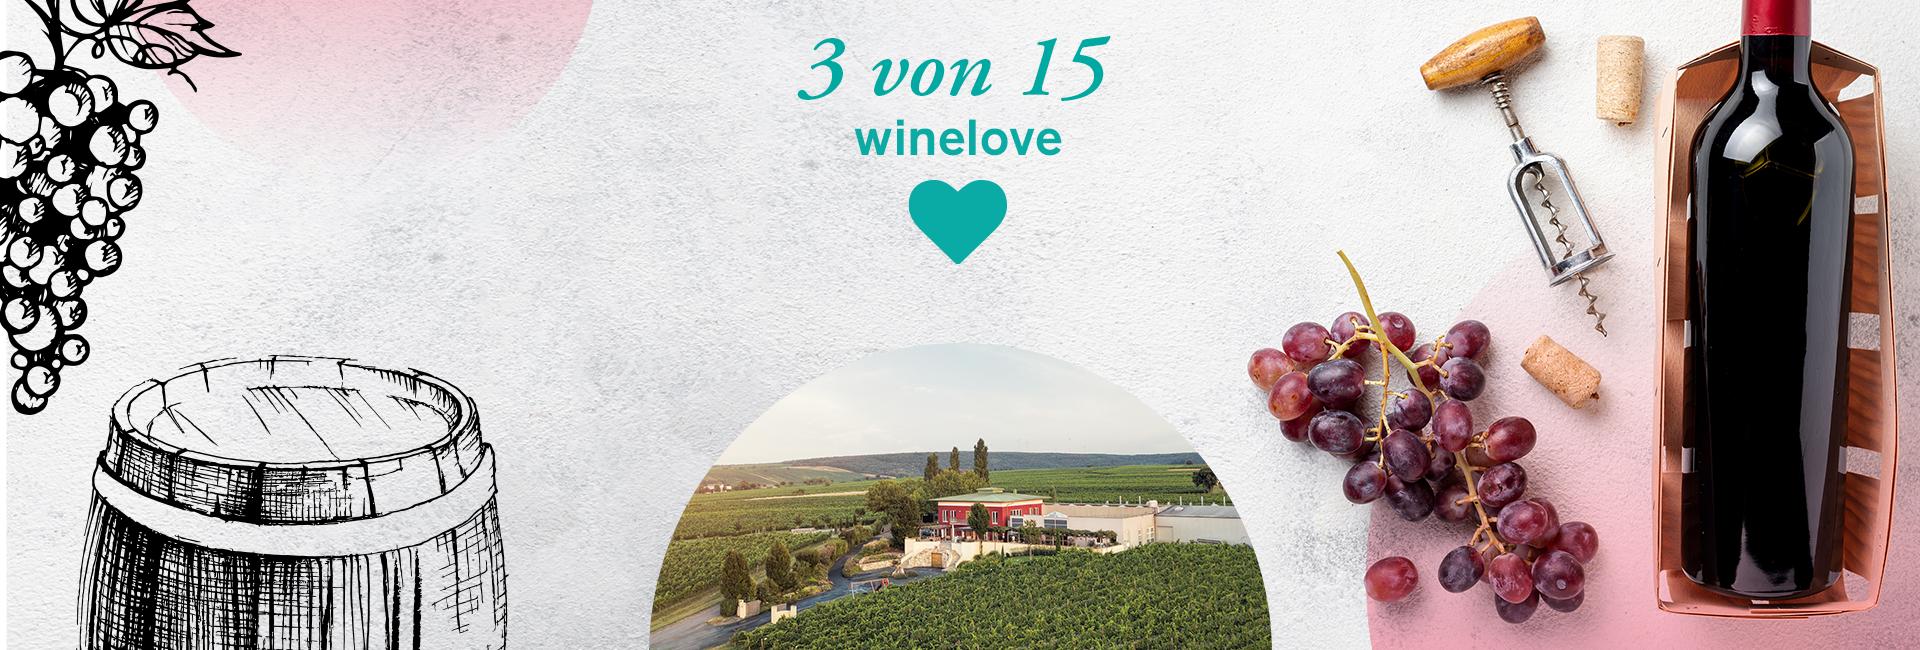 3. Weingläschen 🍷